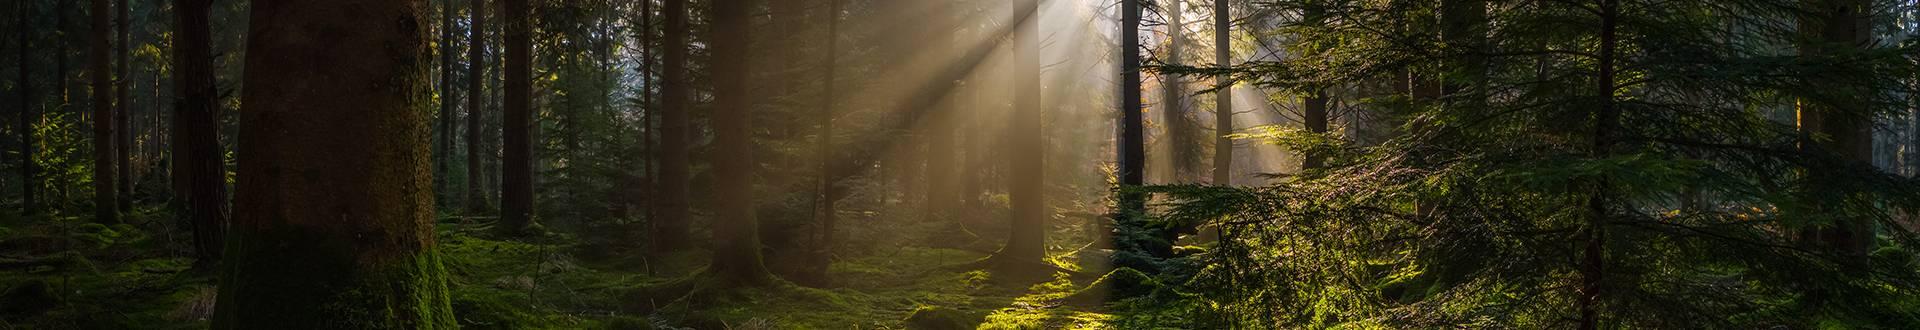 Prześwitujące słońce między drzewami